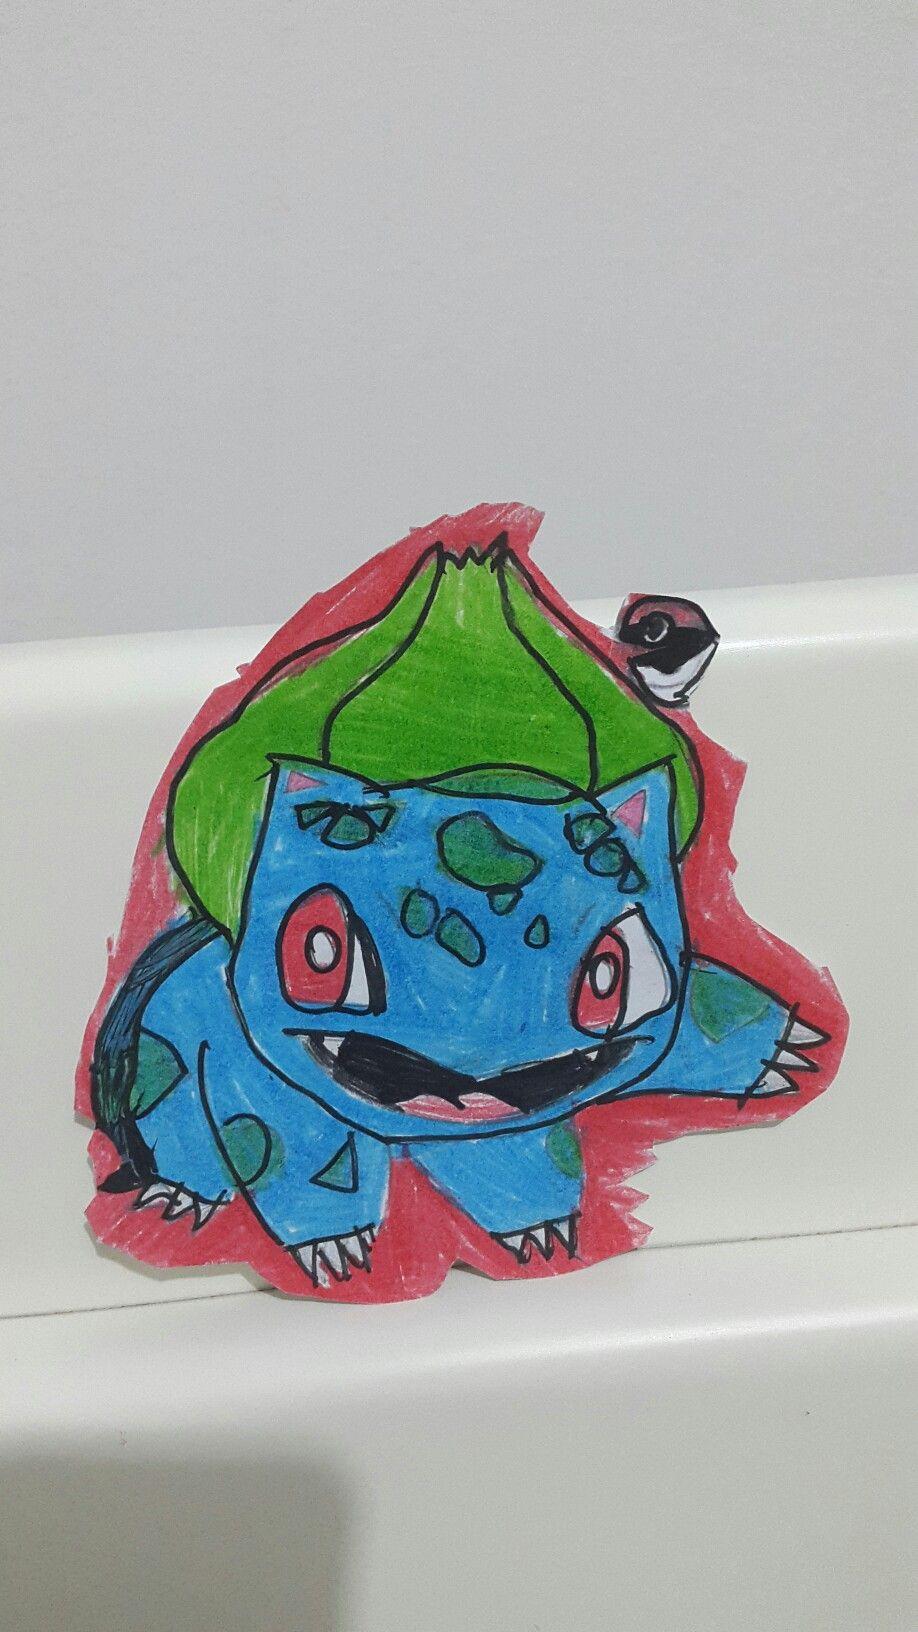 Bulas ar - Pokemon (Murilo Froner Pereira)